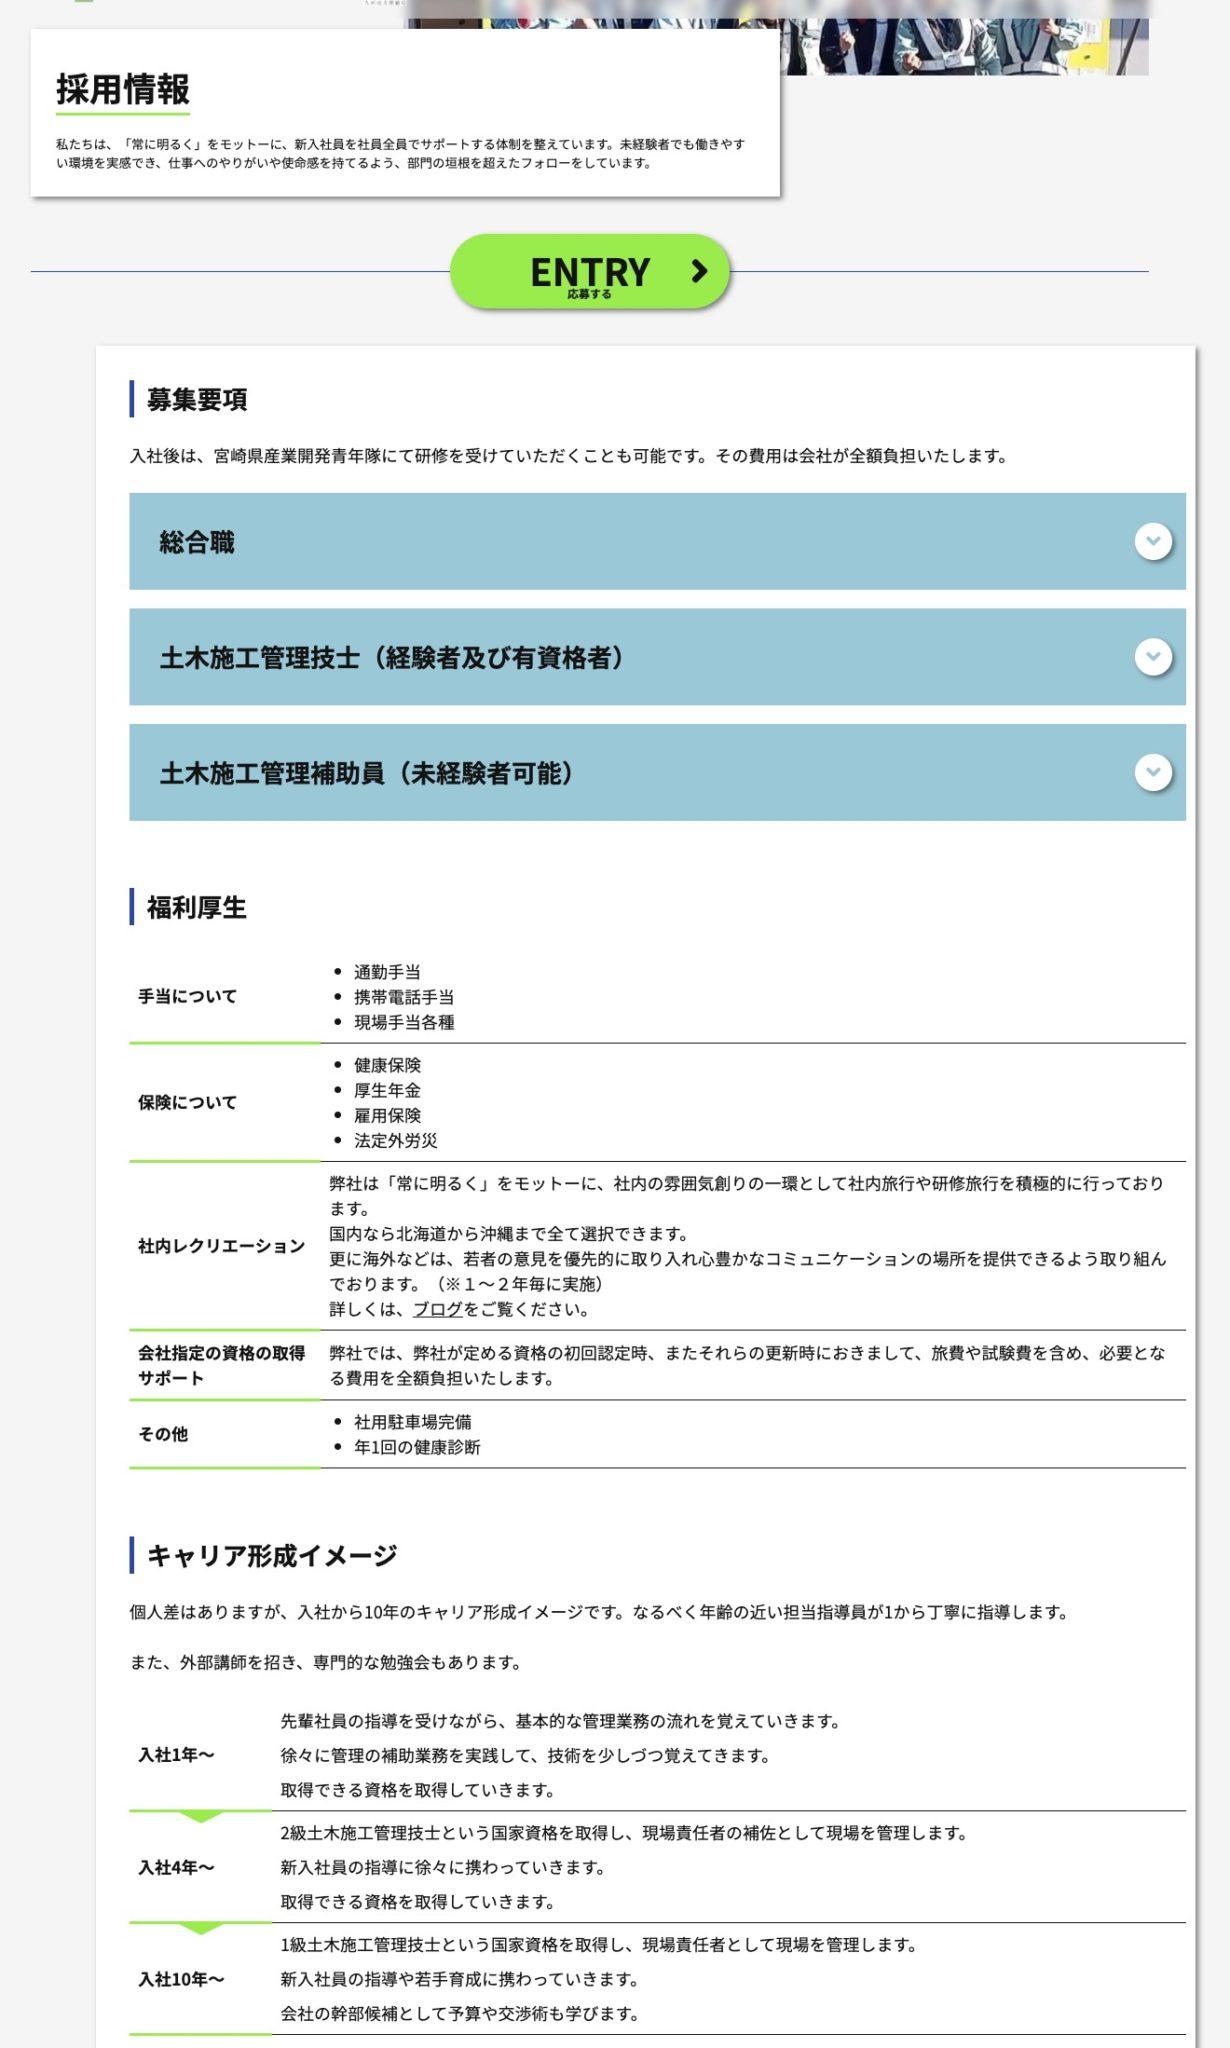 湯川建設株式会社の採用情報のページ